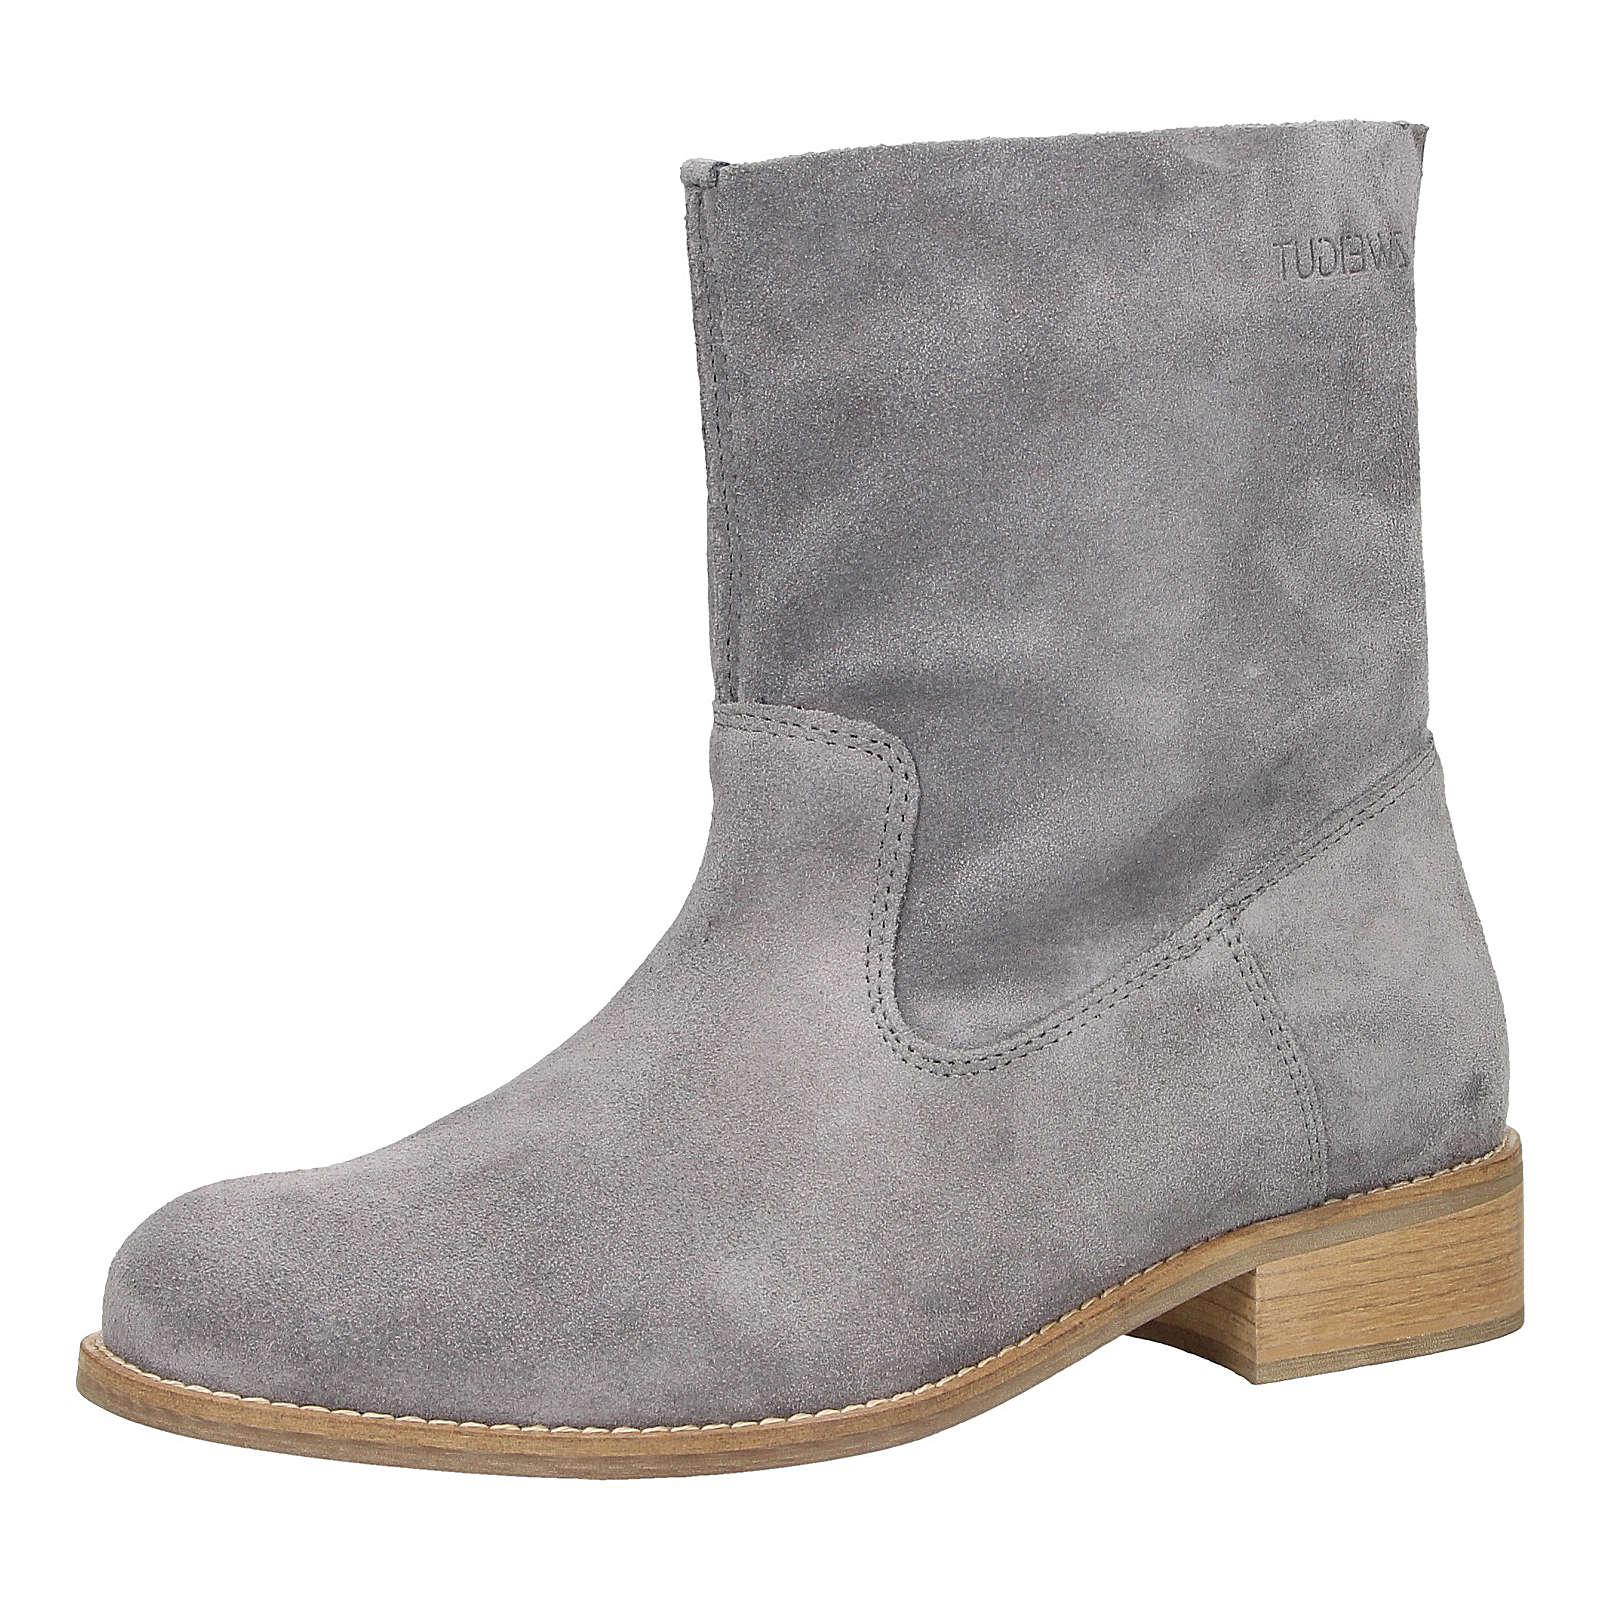 ZWEIGUT® Stiefeletten smuck #210 Damen Leder Stiefel grau Damen Gr. 37